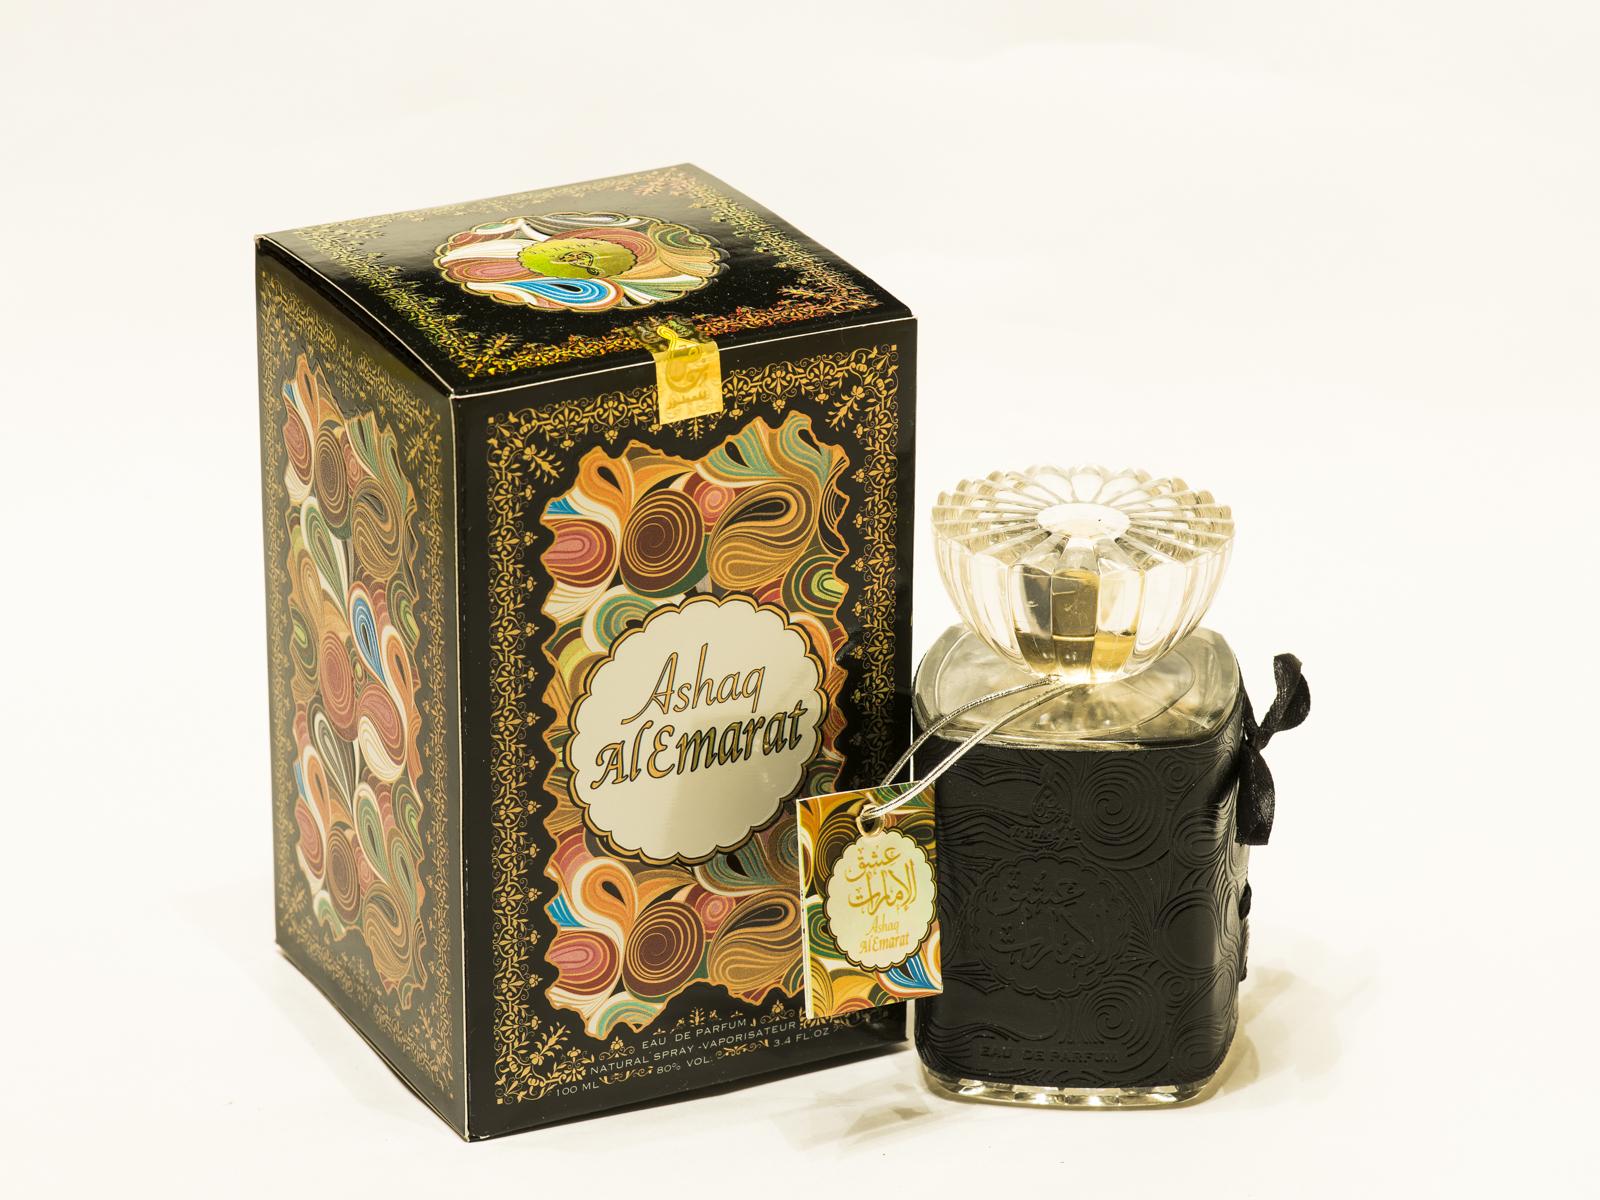 Пробник для Ashaq Al Emarat / Ашак Аль Эмарат (Бывшая Aure Pure Чистая Аура) 1 мл спрей от Халис Khalis Perfumes